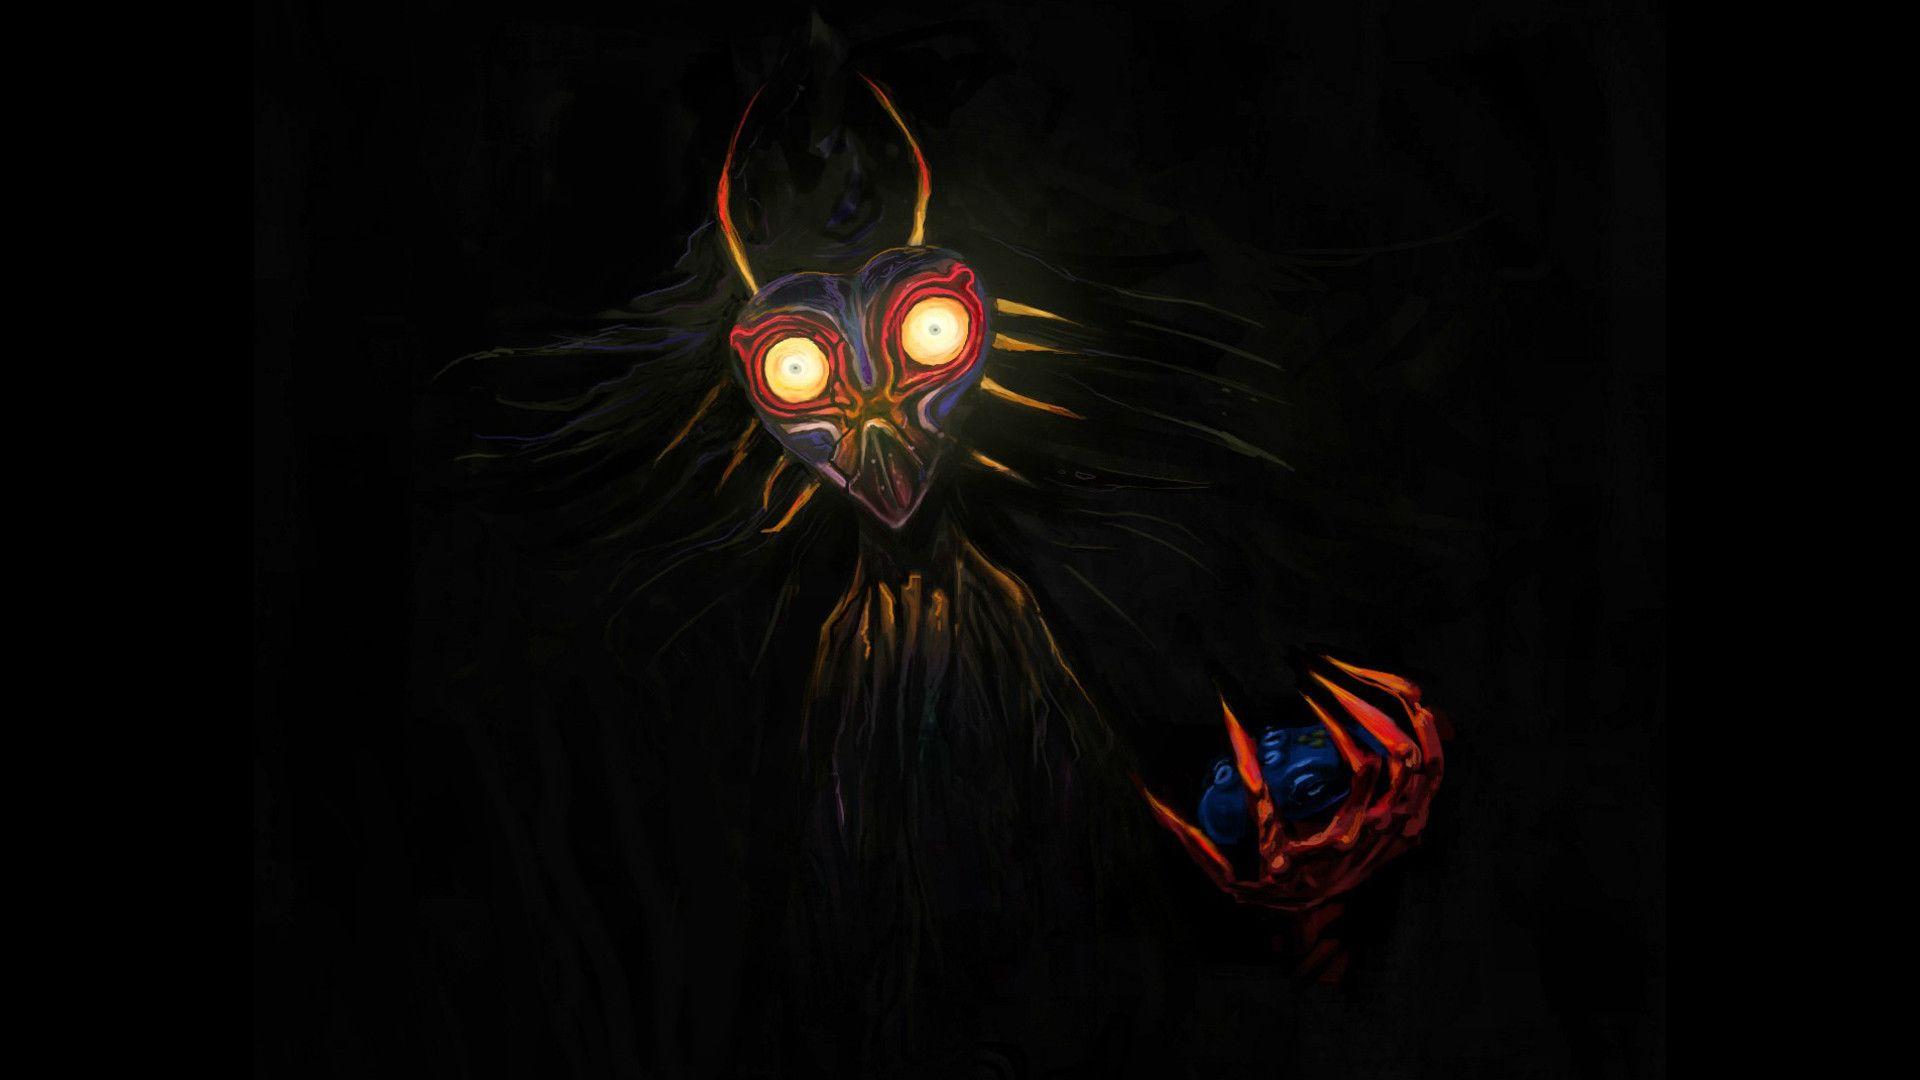 Majoras Mask Wallpapers Legend Of Zelda Majoras Mask Zelda Video Games